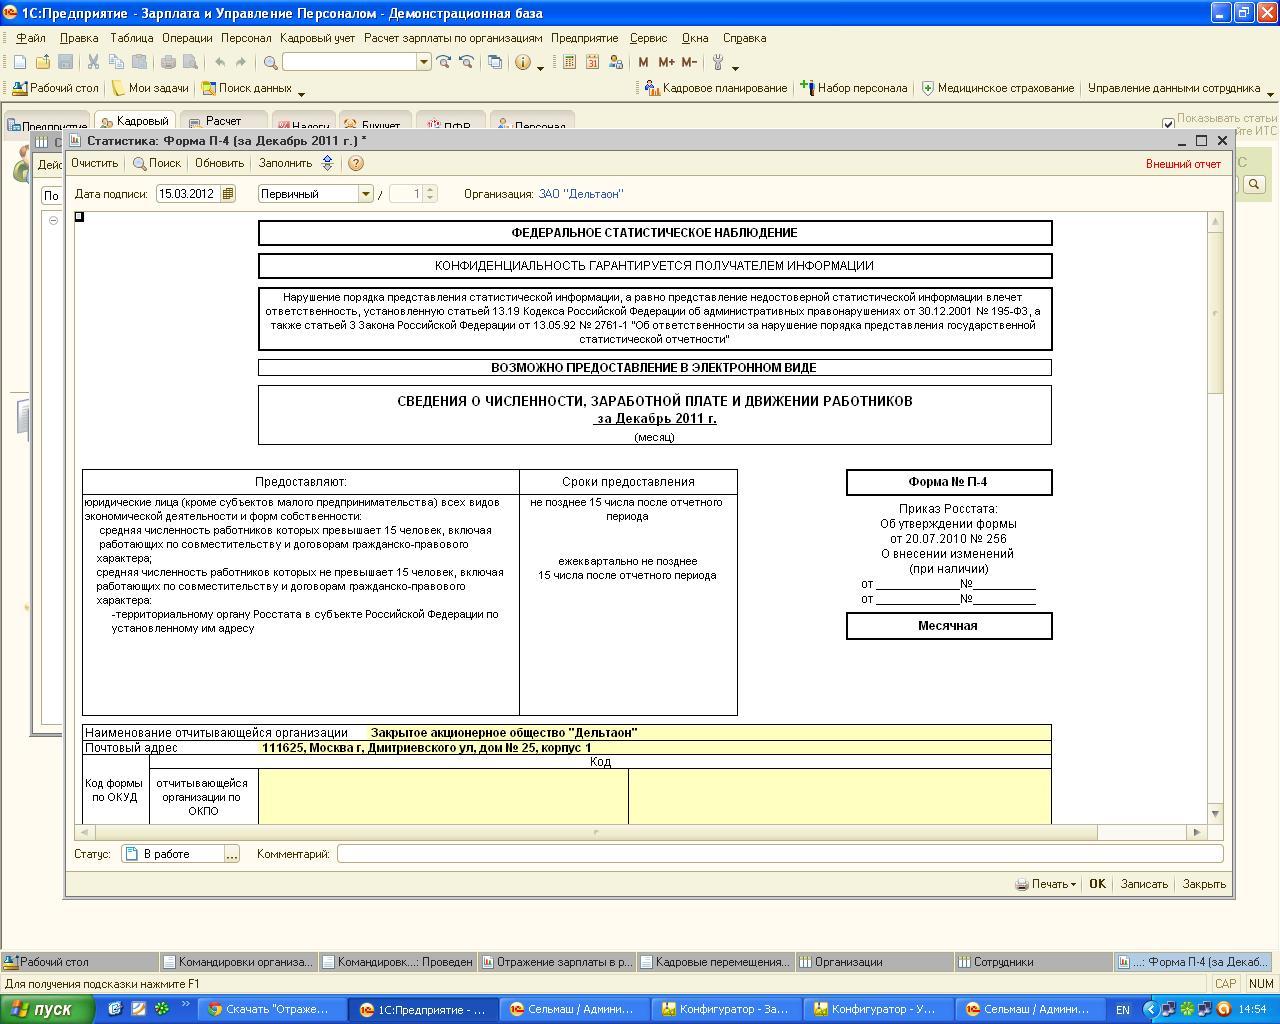 Обновление отчетности в 1с 8.2 зуп установка 1с кемерово